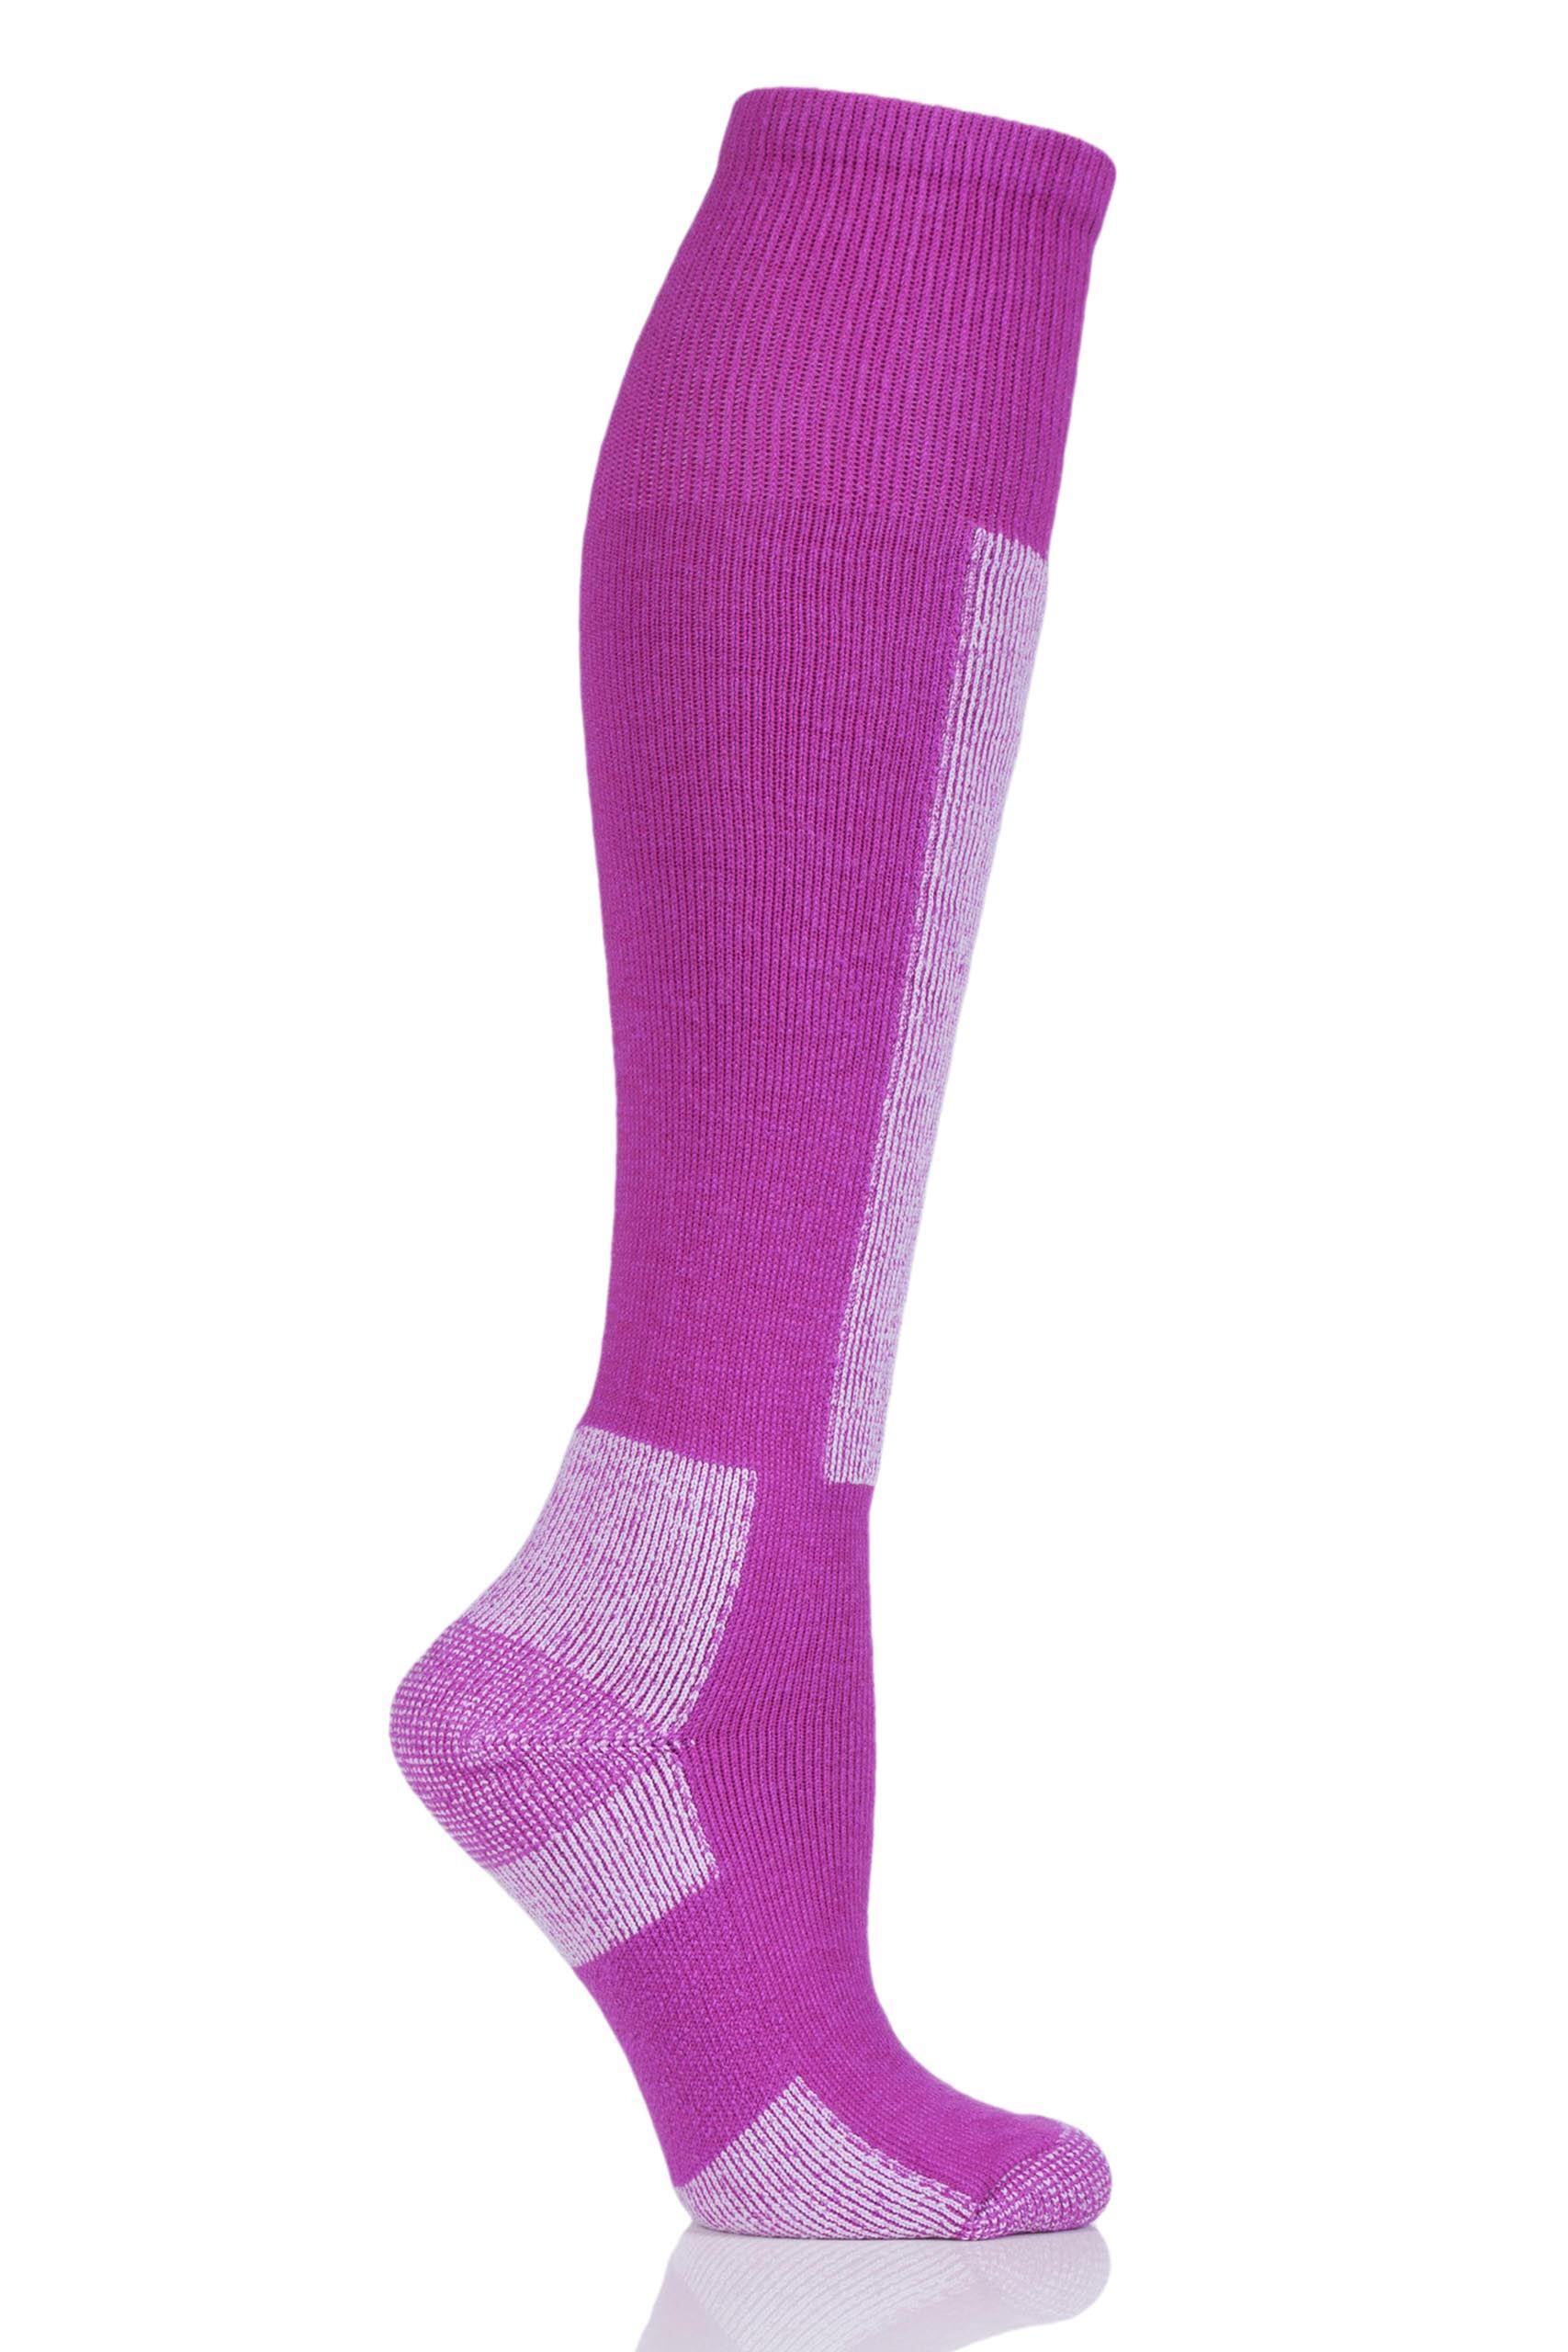 Image of 1 Pack Pink Lightweight Ski Socks Unisex 5-8 Unisex - Thorlos